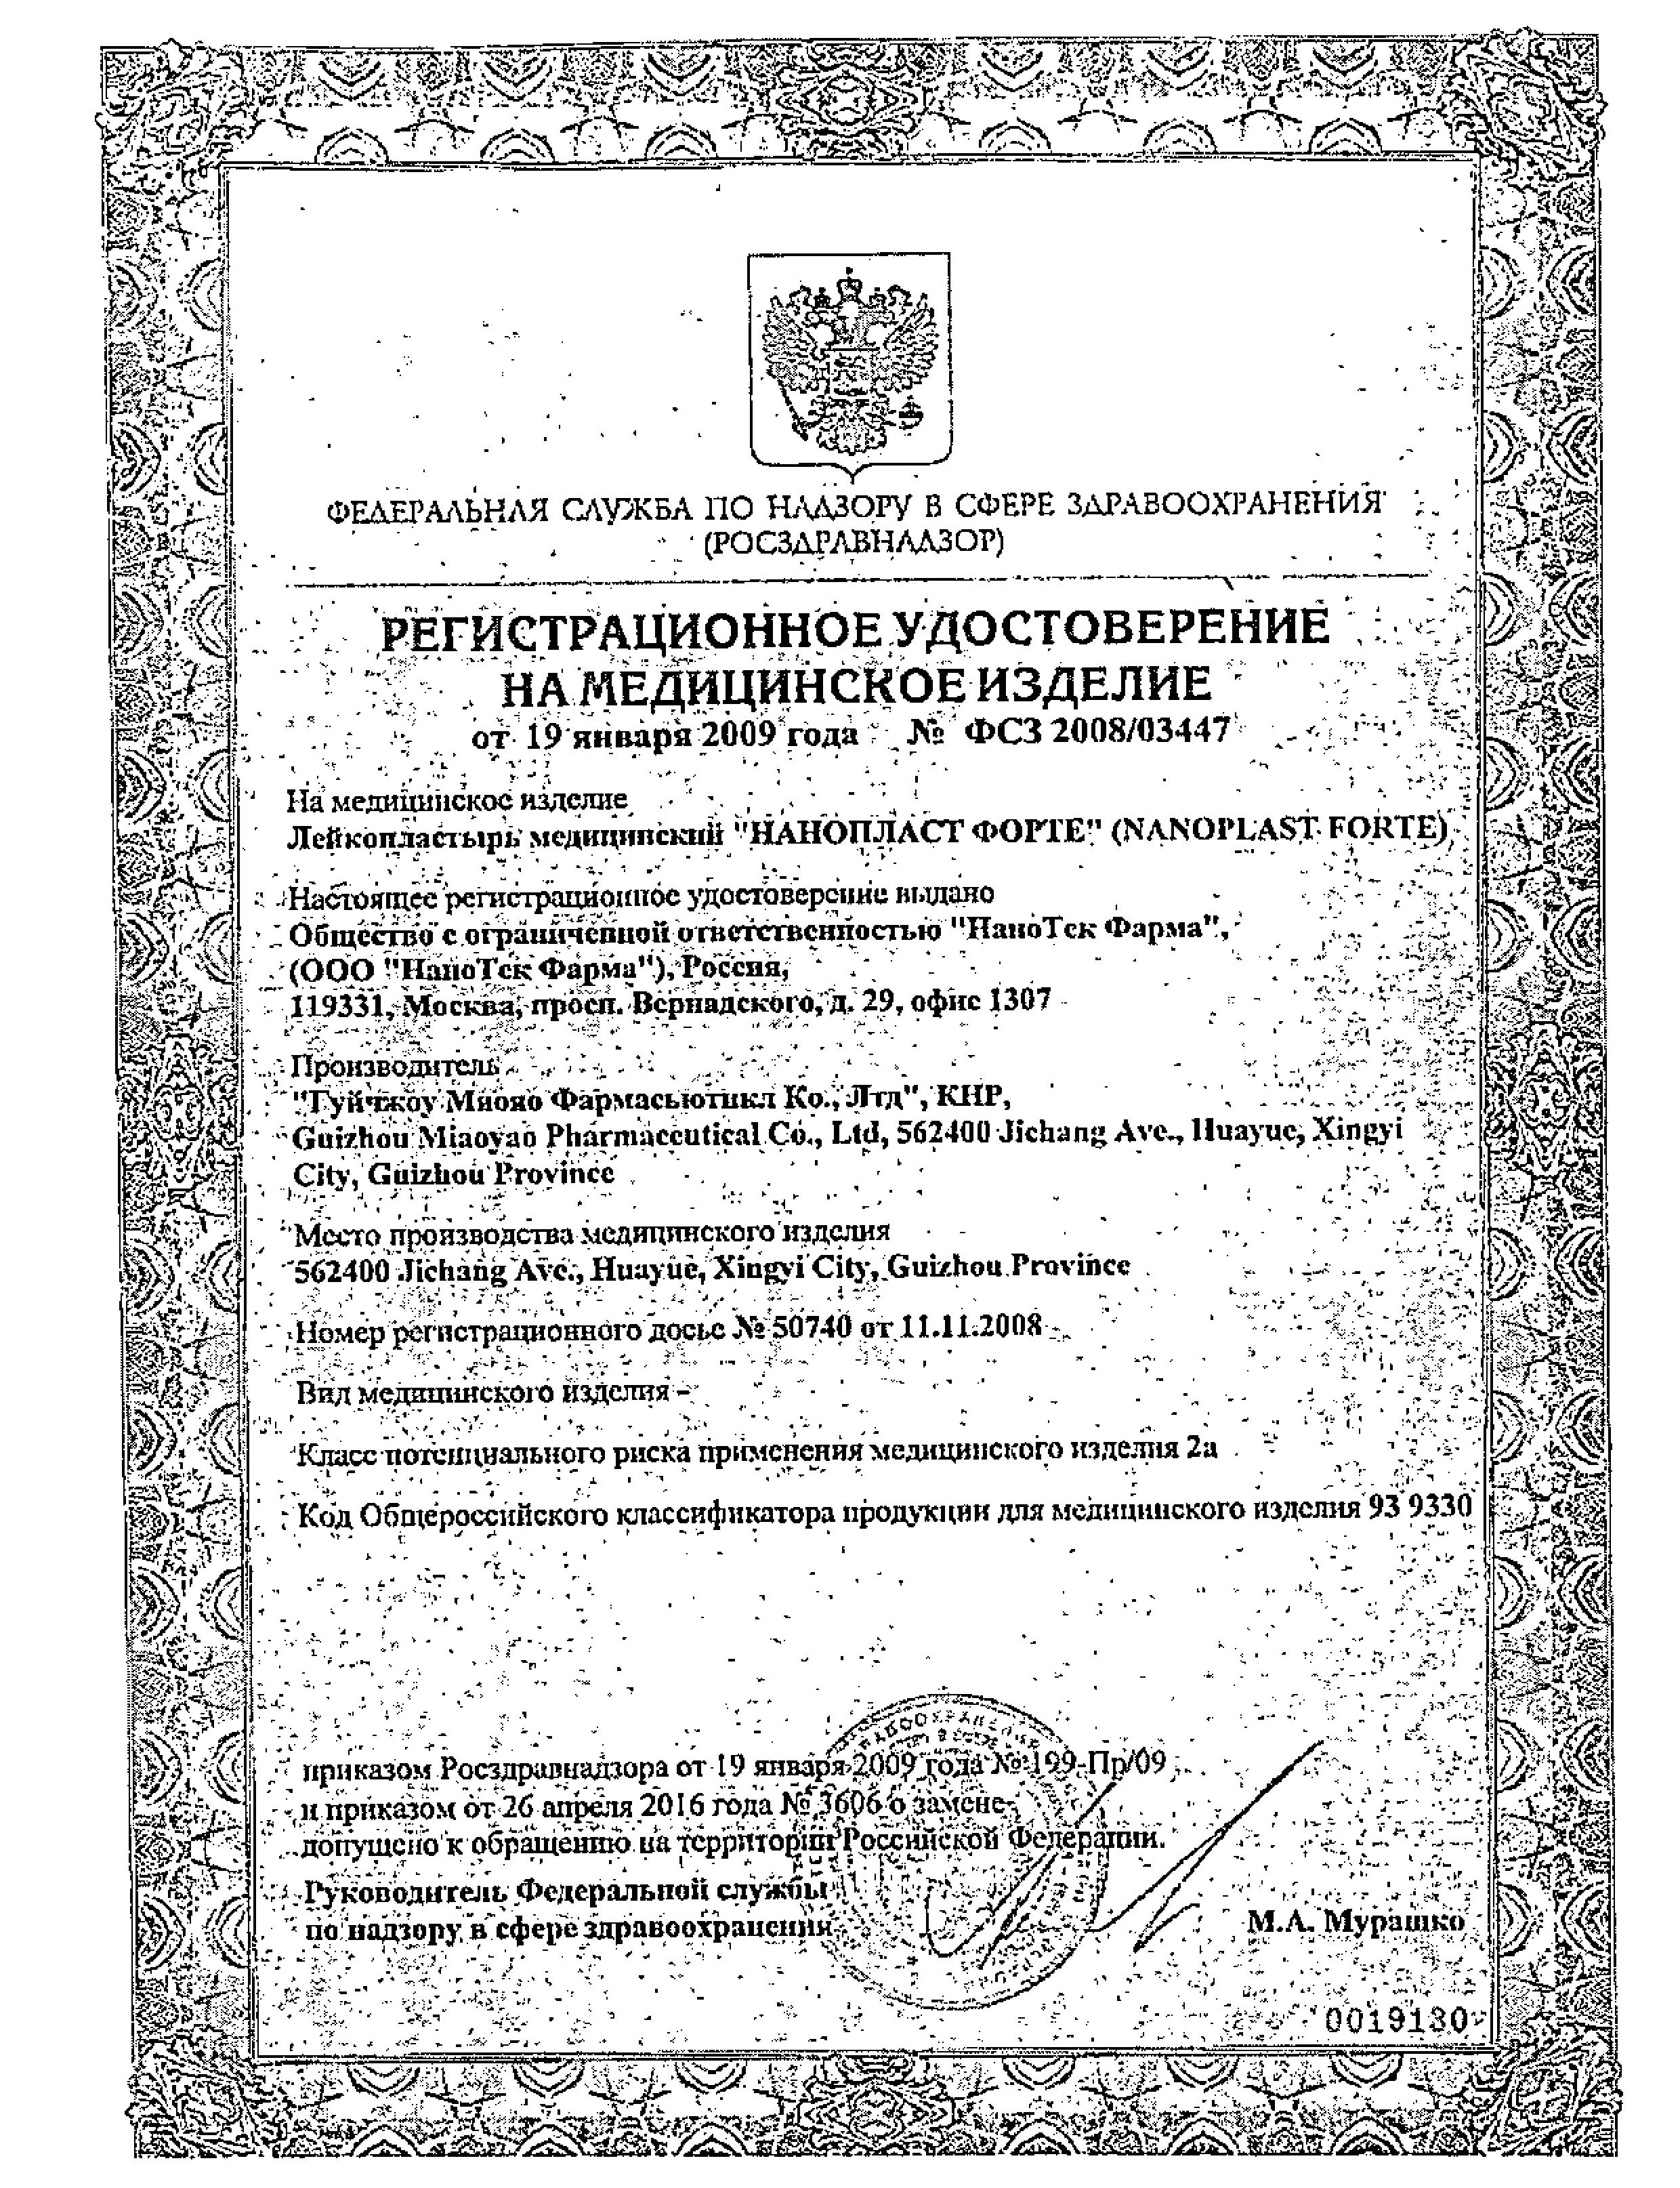 Нанопласт форте Лейкопластырь медицинский сертификат